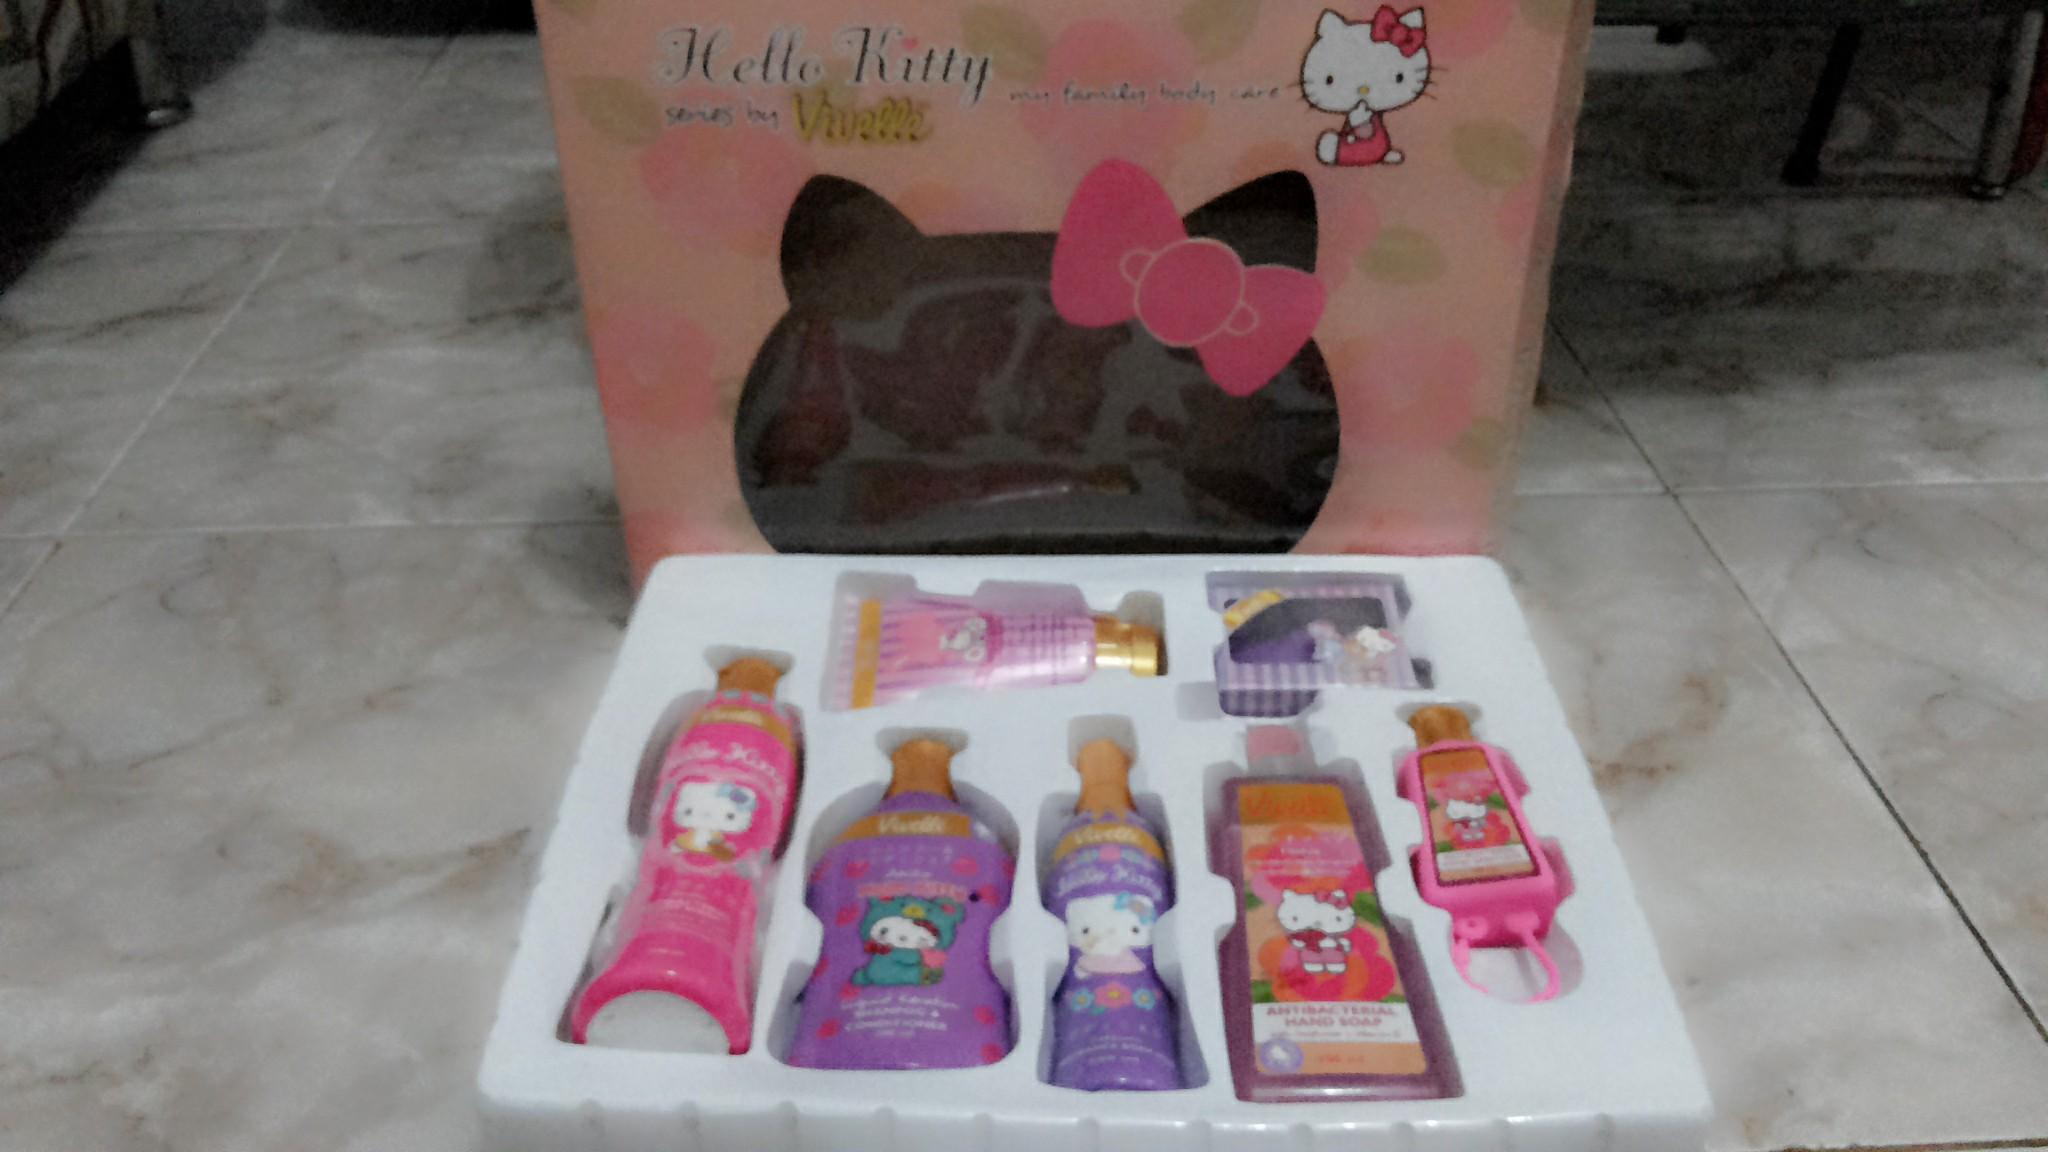 Tempat Sabun Cair Hello Kitty Fb Harga Terkini Dan Terlengkap Kotak Kamar Mandi Portable Praktis Ada Tutup Hbh065